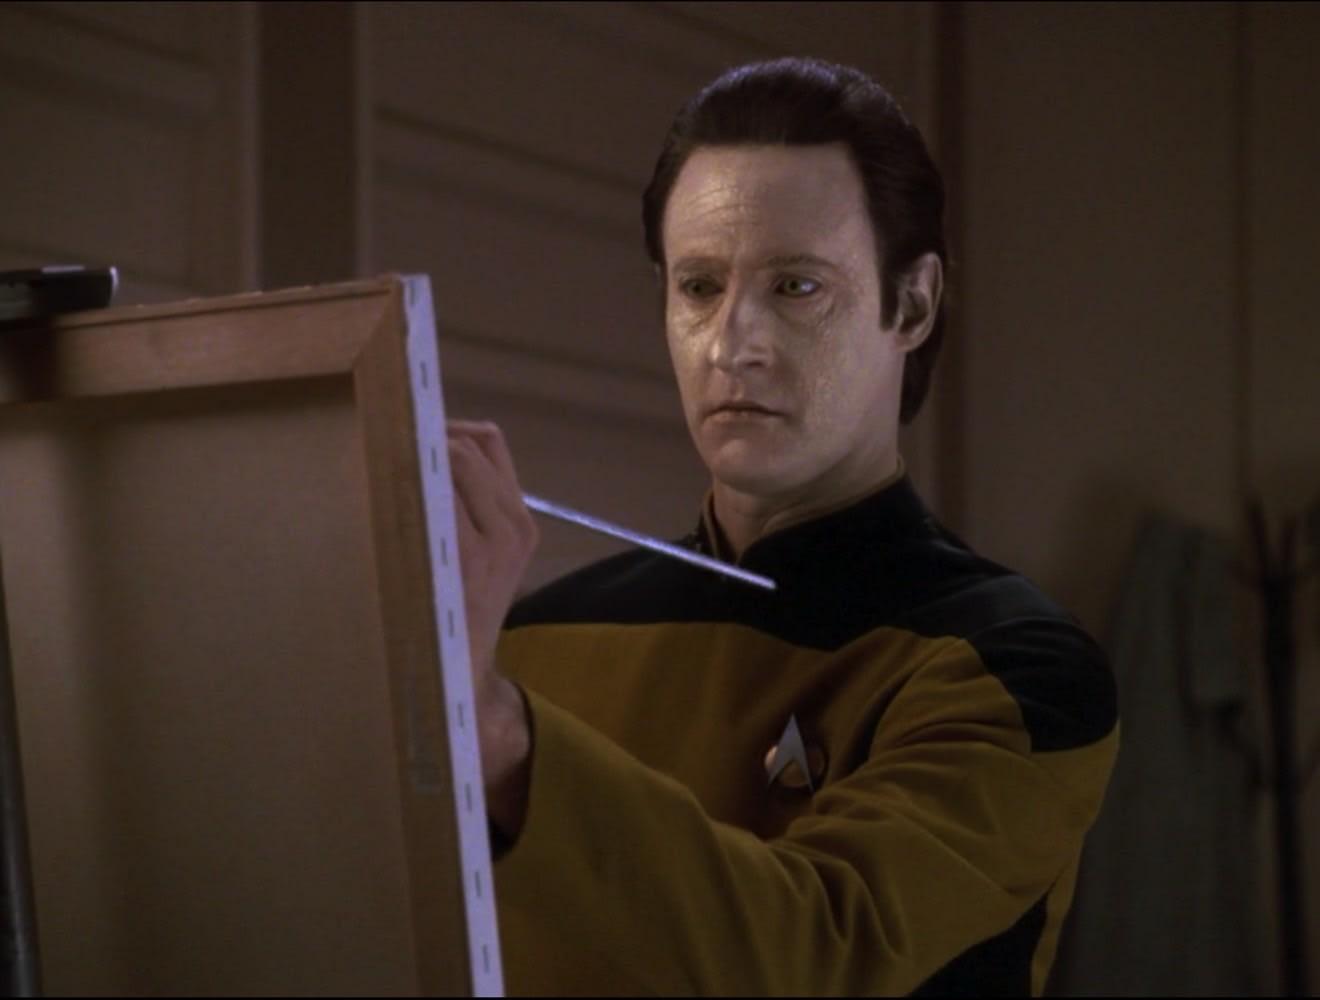 TNG 'picard' finally shows us how star trek's technology evolves - cmVzaXplPTIwMDAlMkMyMDAwJTJDc2hyaW5rJmltYWdlX3VyaT1odHRwcyUzQSUyRiUyRnMueWltZy5jb20lMkZvcyUyRmNyZWF0ci11cGxvYWRlZC1pbWFnZXMlMkYyMDIwLTAzJTJGOTgwZWJkYTAtNmVhYS0xMWVhLWJkZWUtNzAyNTA2Y2QyZjI2JmNsaWVudD1hMWFjYWMzZTFiMzI5MDkxN2Q5MiZzaWduYXR1cmU9ZjBkMDBlOGExNjYzZTBlZjZmODA5MjhkZTU5OWViMzhkOWY3YzdkMQ   - 'Picard' finally shows us how Star Trek's technology evolves 'picard' finally shows us how star trek's technology evolves - cmVzaXplPTIwMDAlMkMyMDAwJTJDc2hyaW5rJmltYWdlX3VyaT1odHRwcyUzQSUyRiUyRnMueWltZy5jb20lMkZvcyUyRmNyZWF0ci11cGxvYWRlZC1pbWFnZXMlMkYyMDIwLTAzJTJGOTgwZWJkYTAtNmVhYS0xMWVhLWJkZWUtNzAyNTA2Y2QyZjI2JmNsaWVudD1hMWFjYWMzZTFiMzI5MDkxN2Q5MiZzaWduYXR1cmU9ZjBkMDBlOGExNjYzZTBlZjZmODA5MjhkZTU5OWViMzhkOWY3YzdkMQ   - 'Picard' finally shows us how Star Trek's technology evolves